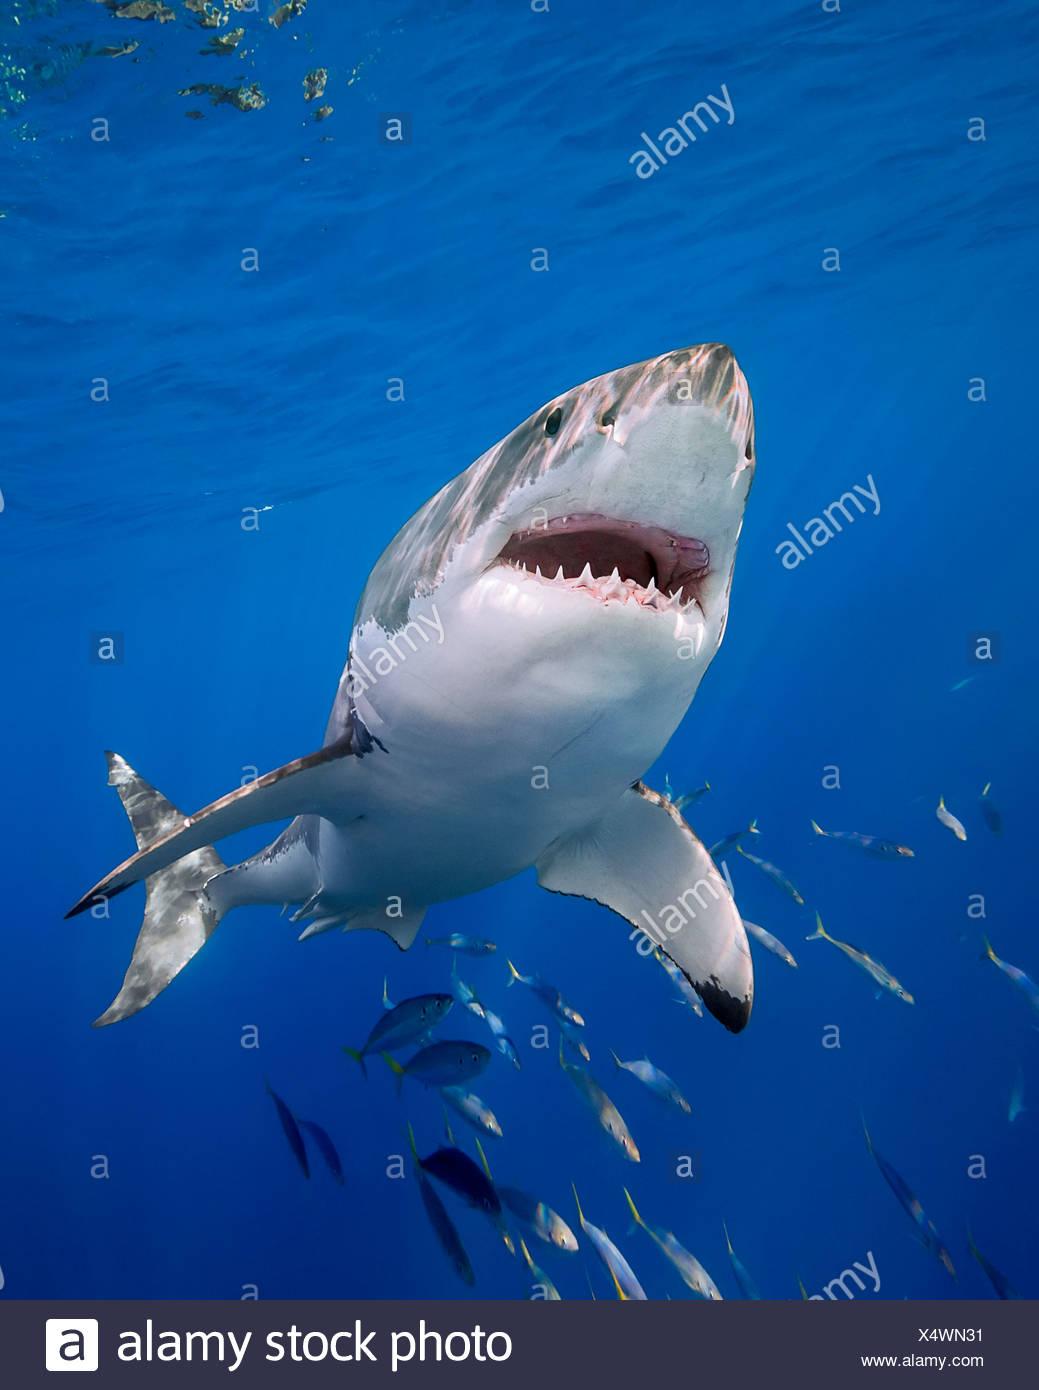 Gran tiburón blanco, Carcharodon carcharias, Isla Guadalupe, México Imagen De Stock